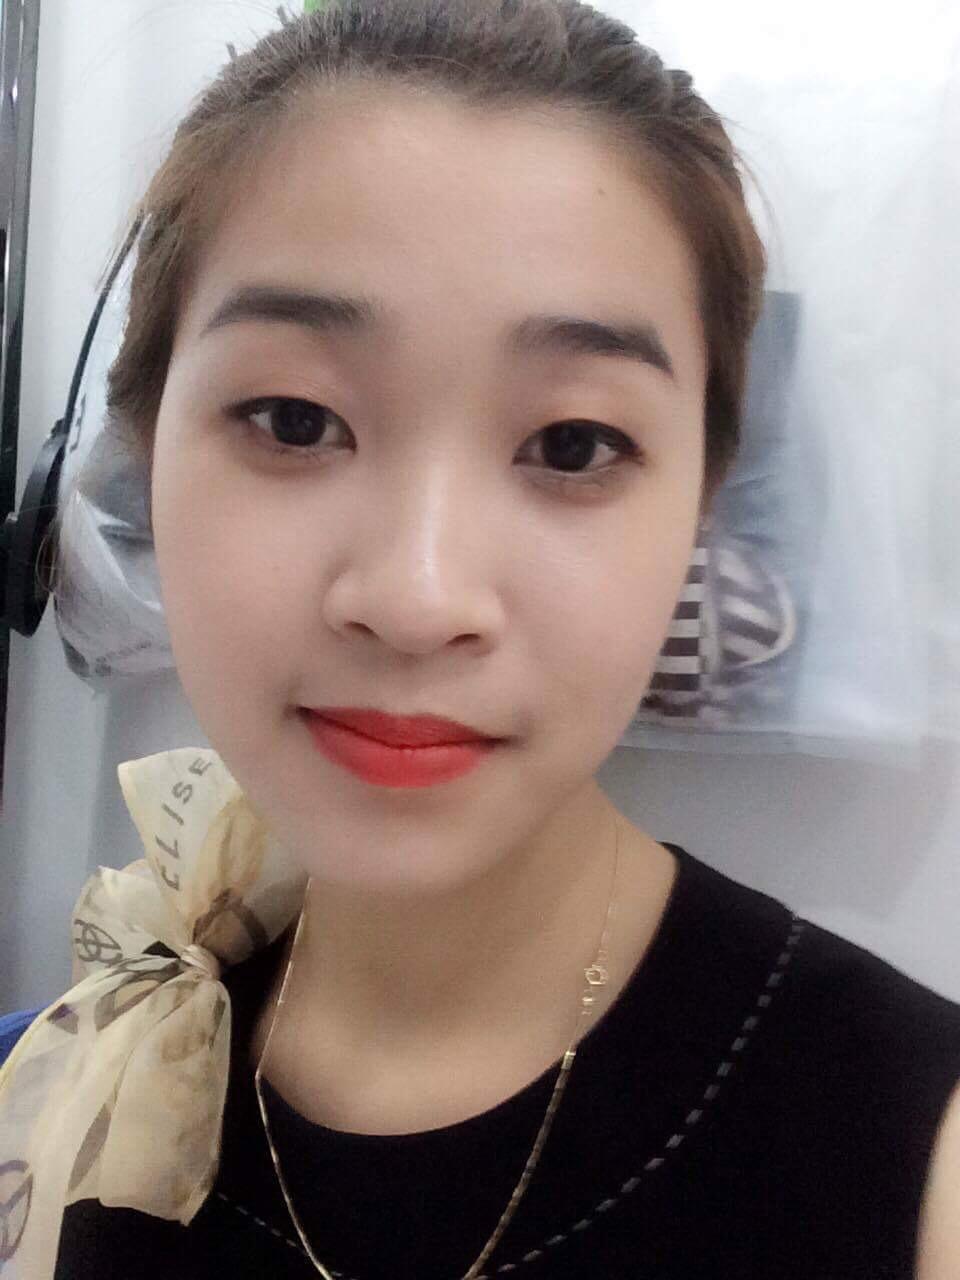 Nhân viên bán hàng quầy tiêu thụ mạnh BigC thành phố Vinh Tỉnh Nghệ An